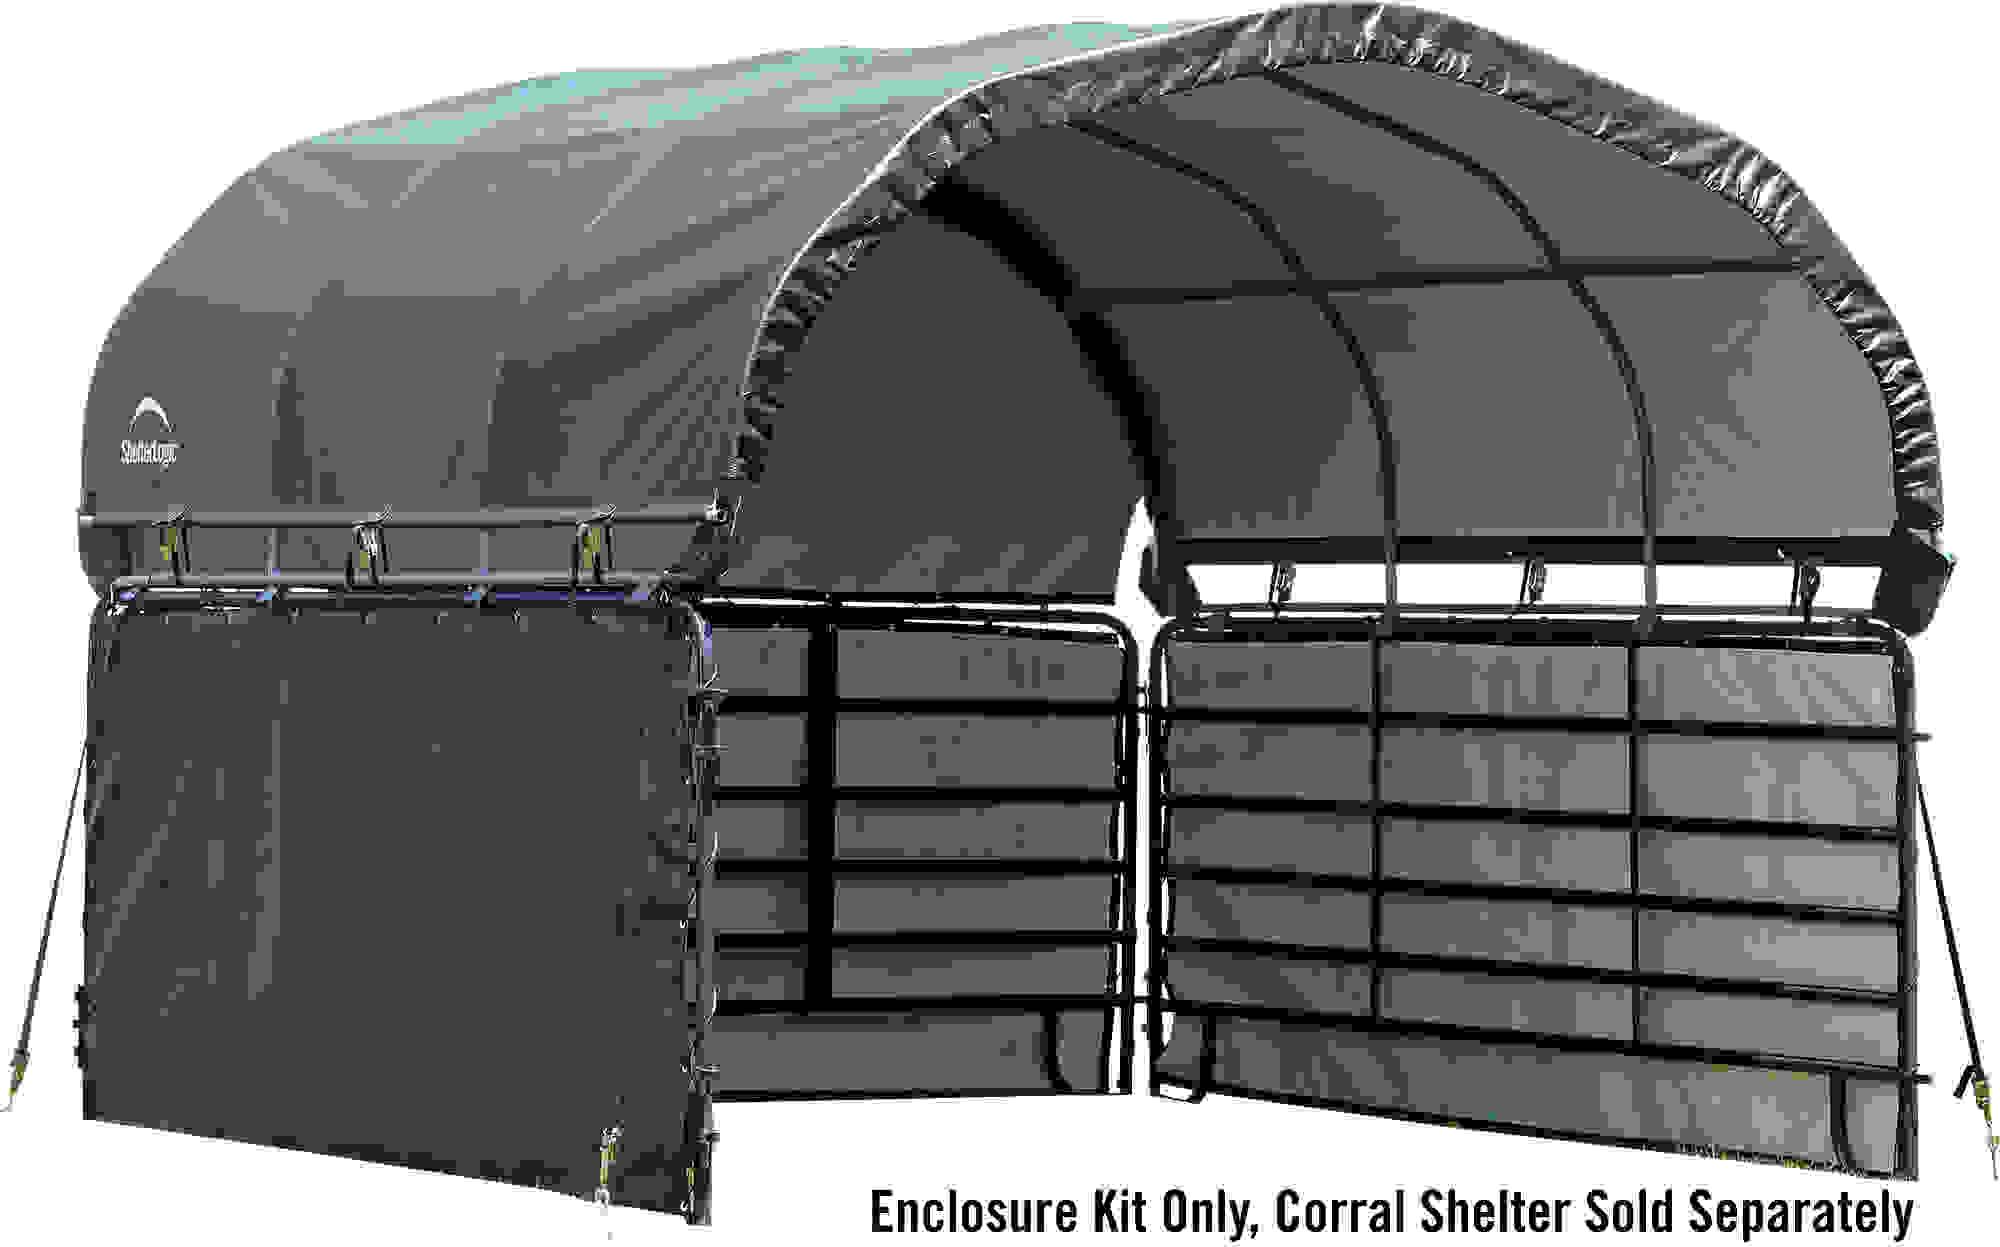 Corral Shelter Enclosure Kit